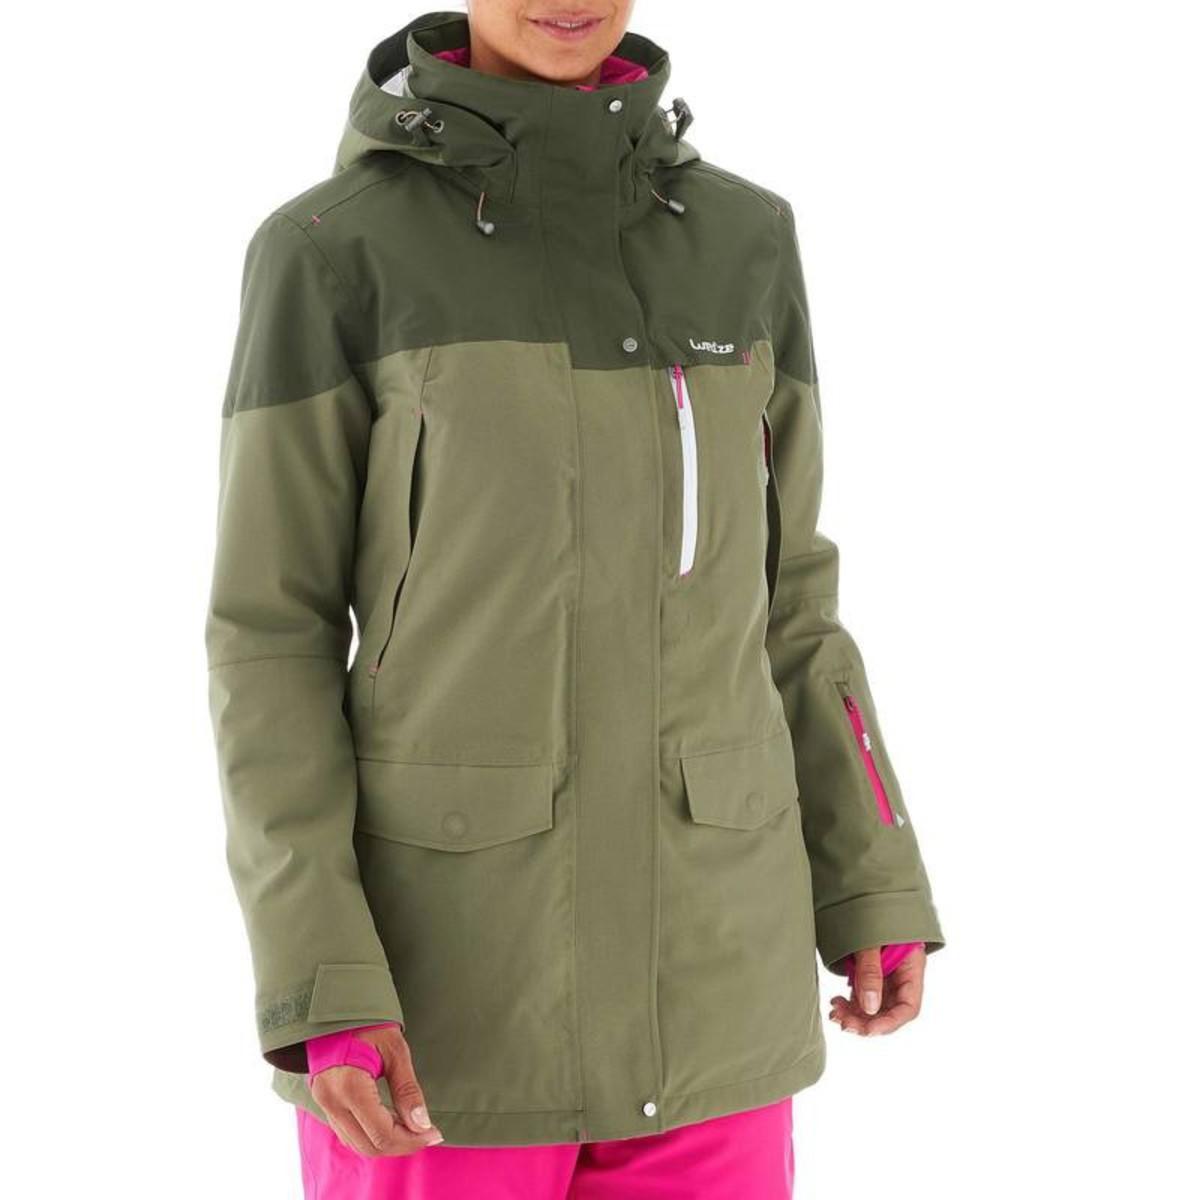 Bild 5 von WED´ZE Skijacke Free 700 Damen grün, Größe: XS